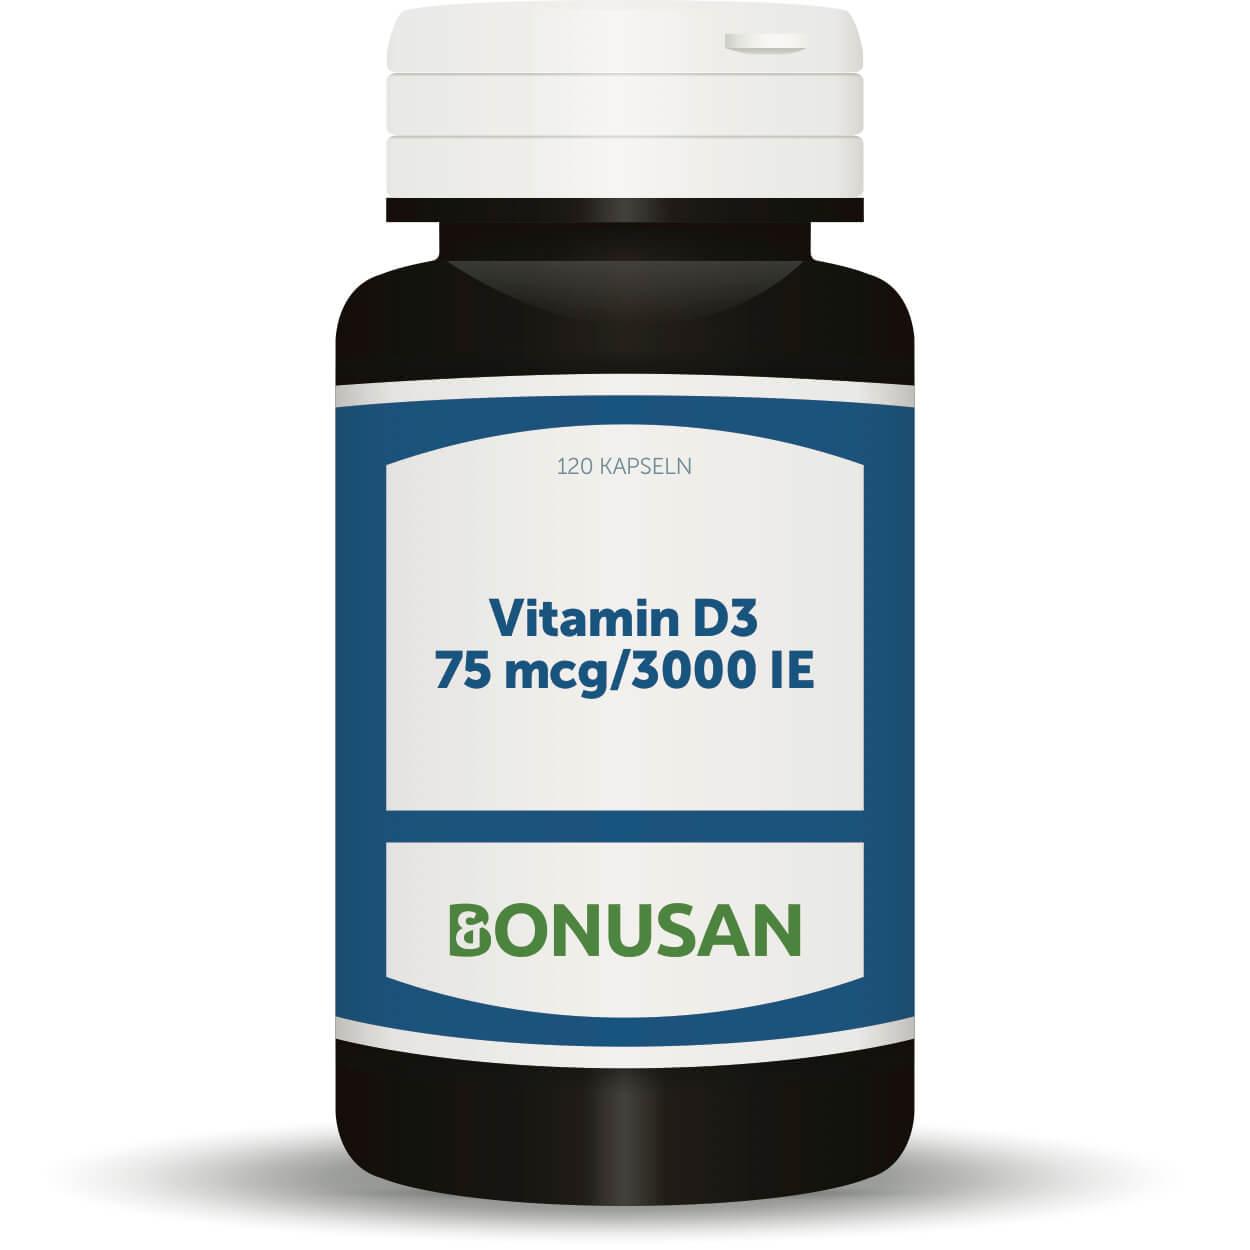 Vitamin D3 - 75 mcg/3000 IE, 120 Stk. Softgel Kapseln